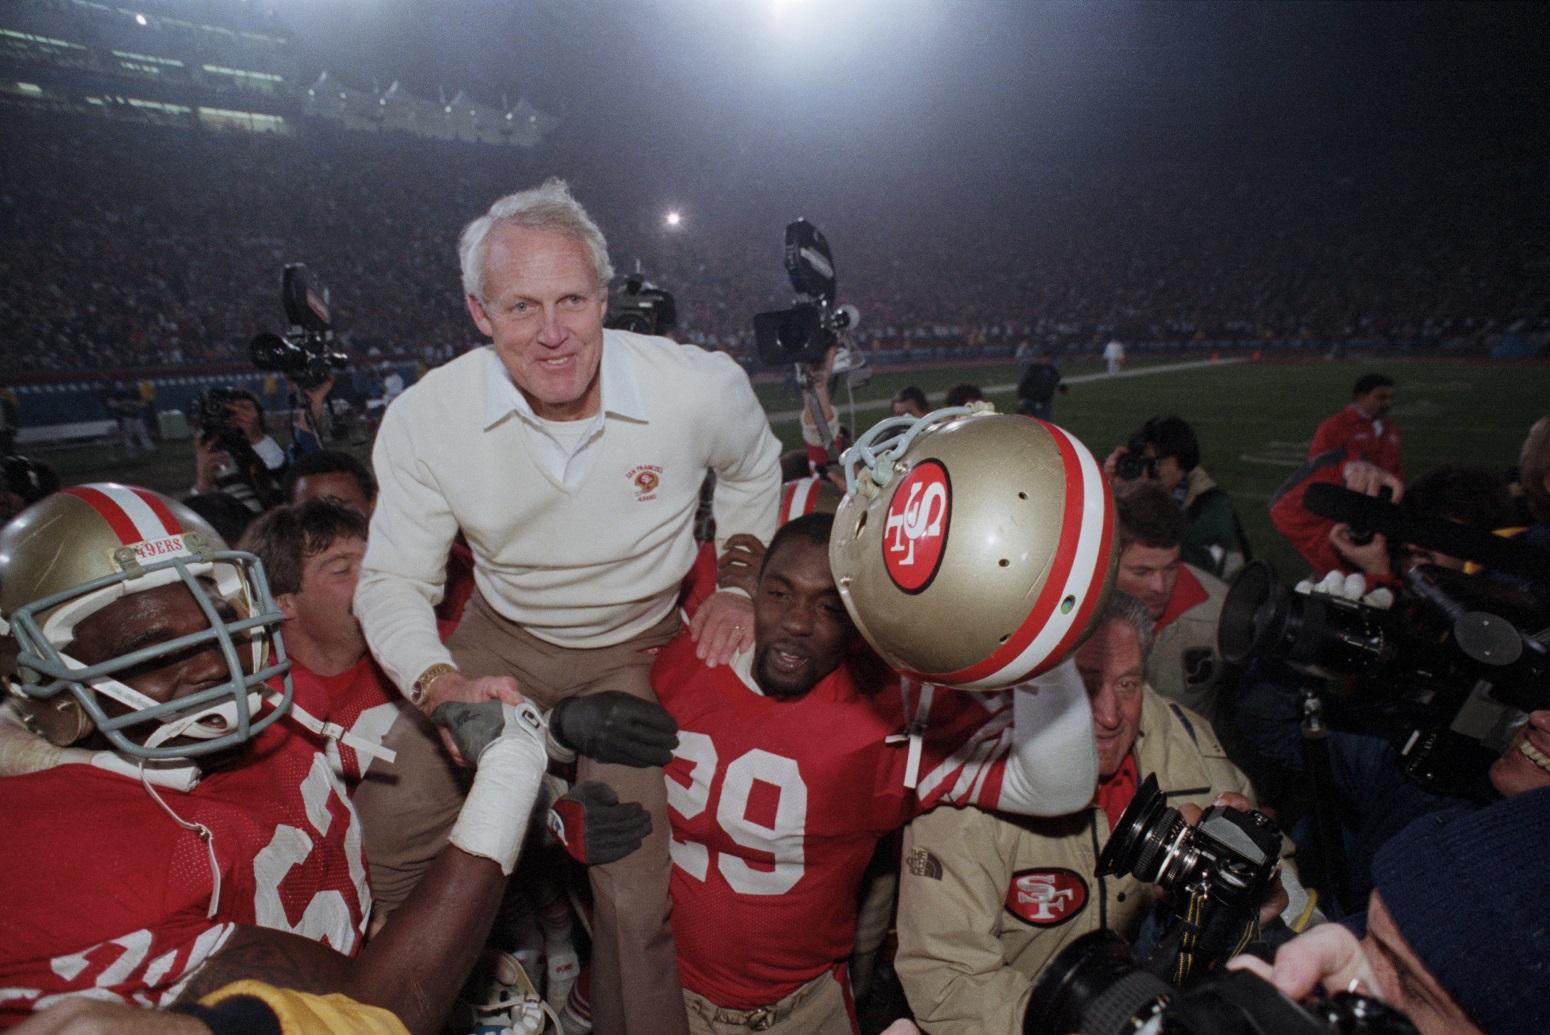 Former 49ers head coach Bill Walsh